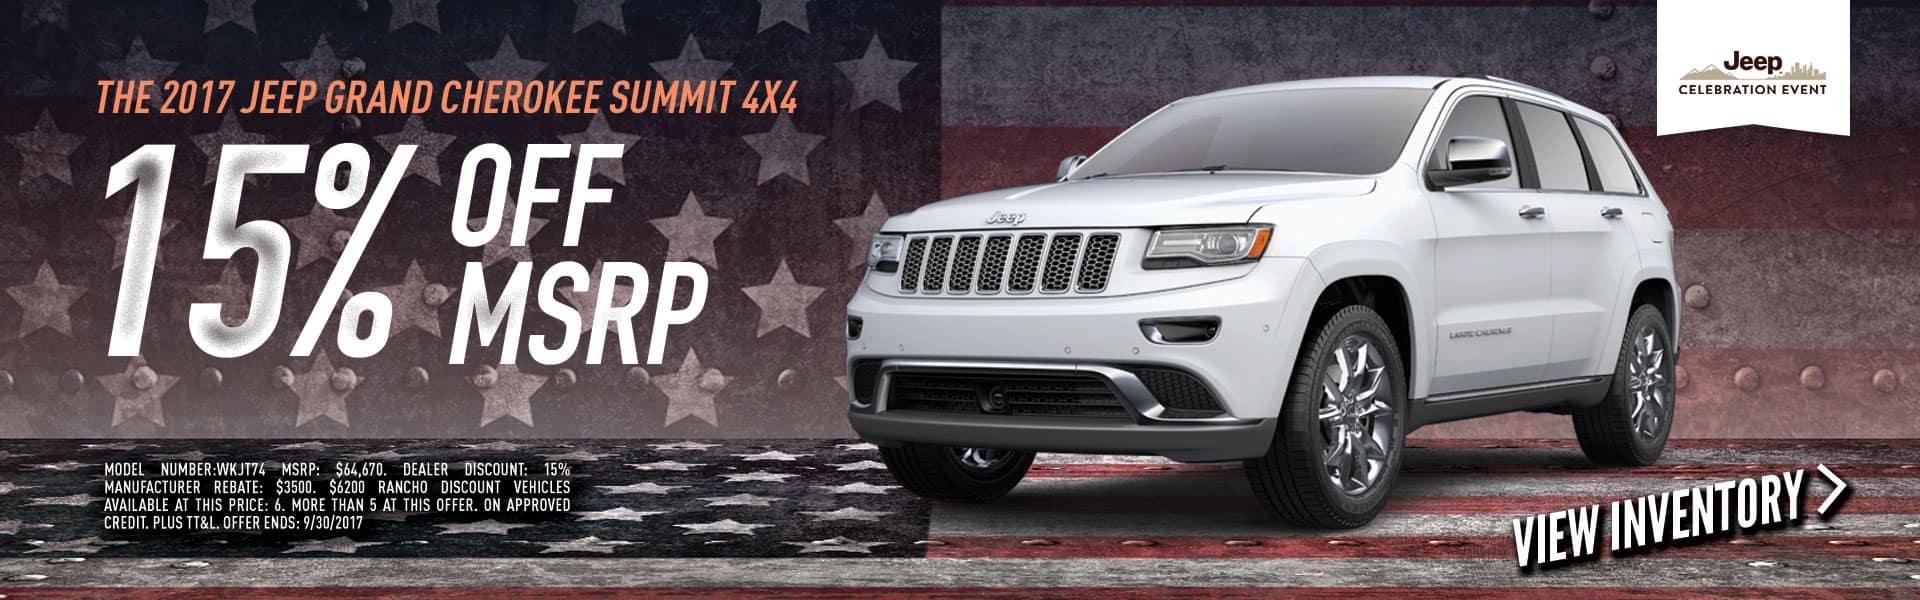 2017 Grand Cherokee Summit